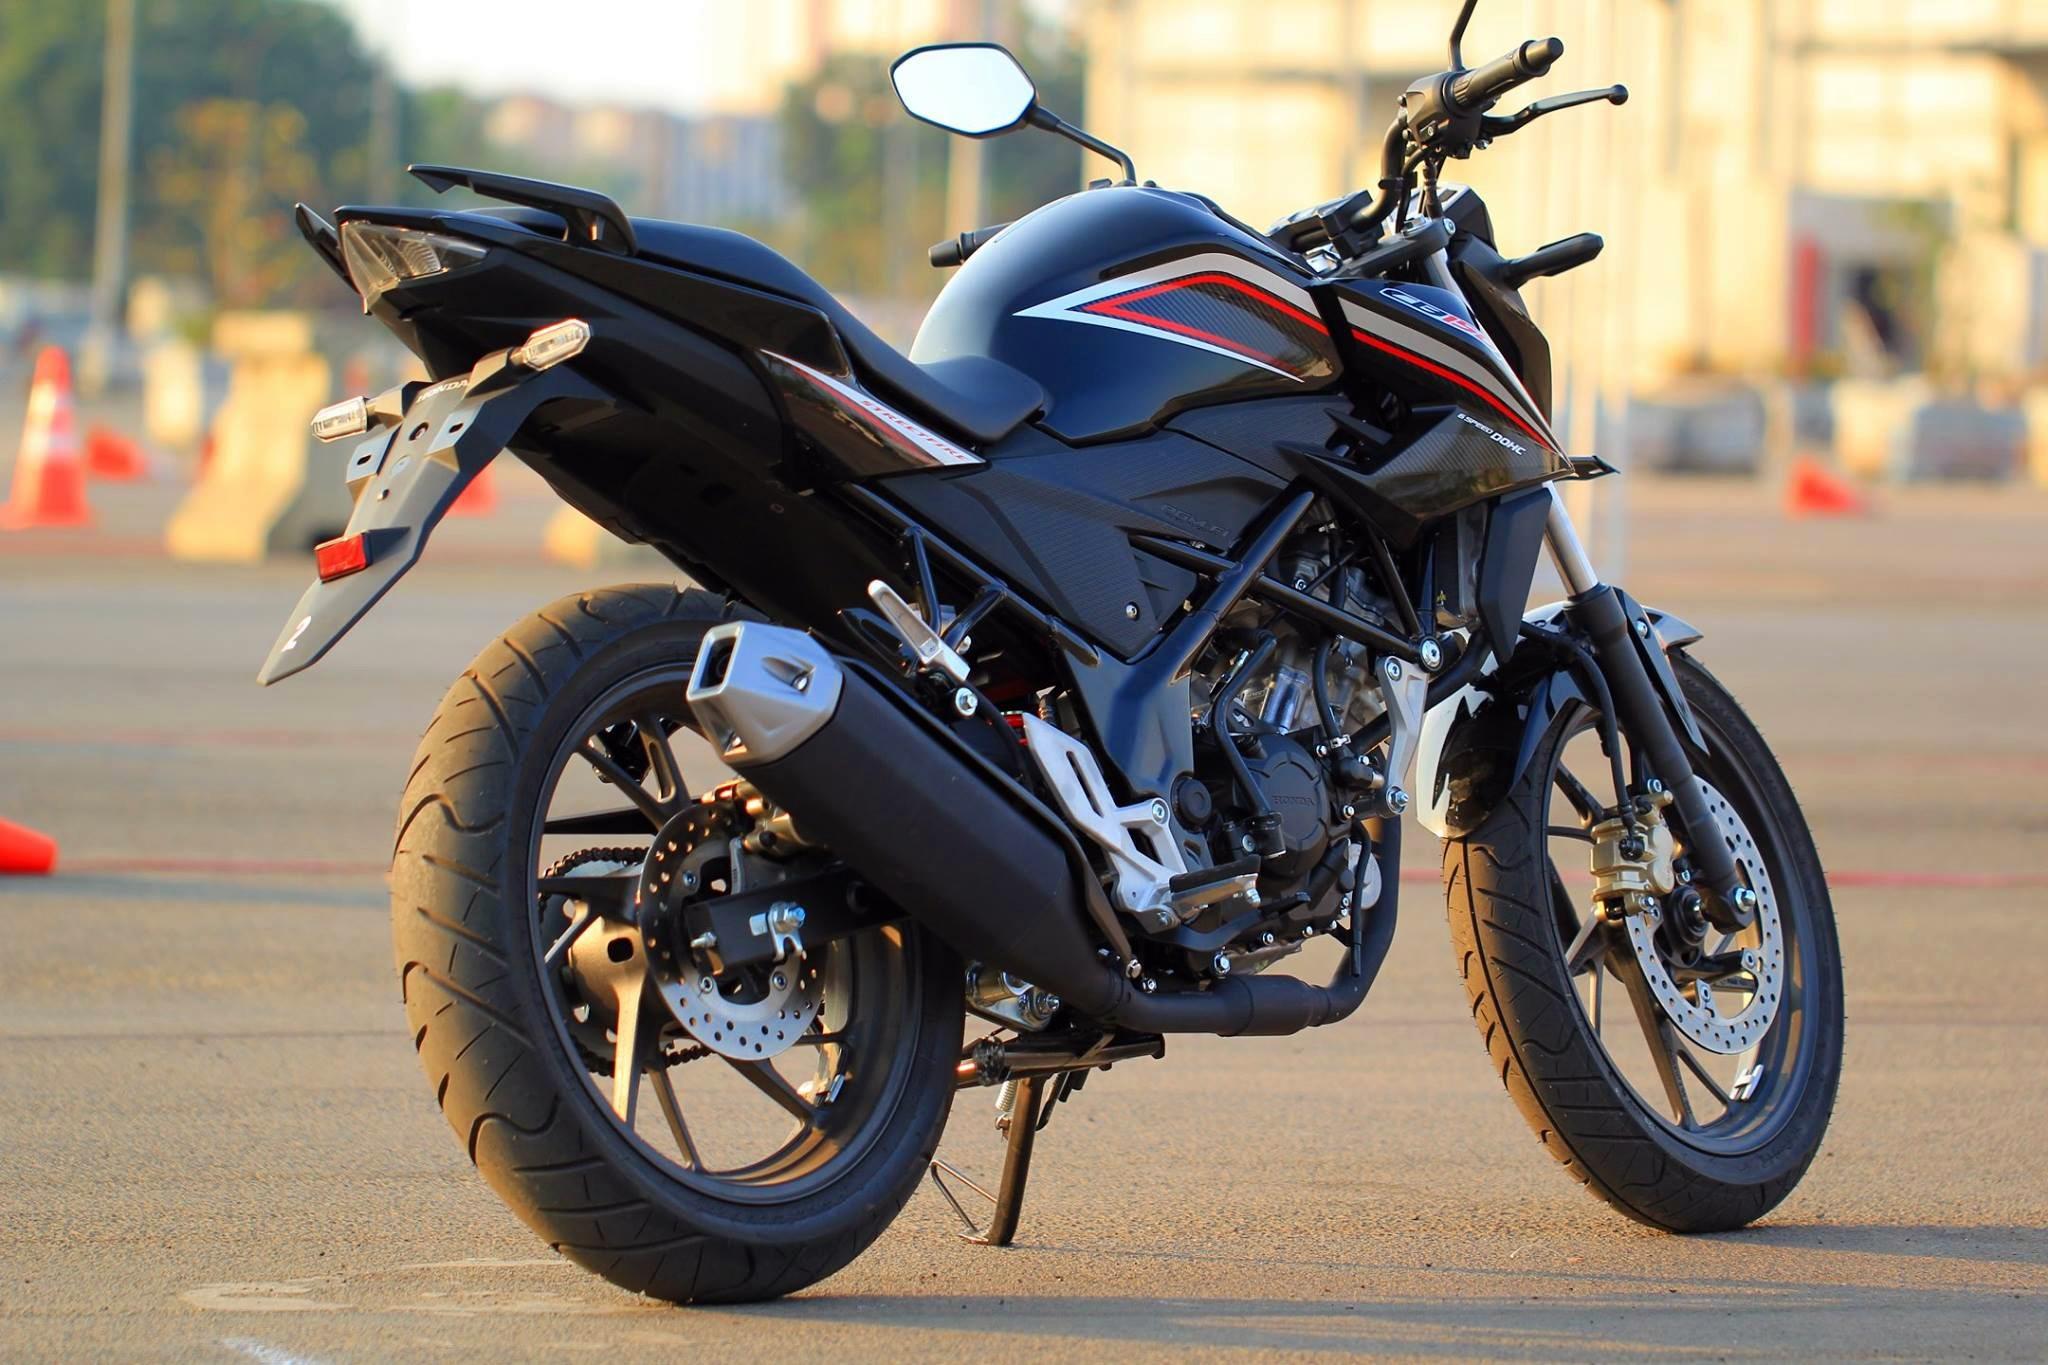 Ini Dia 5 Alasan TIDAK Memilih New Honda CB150R Facelift